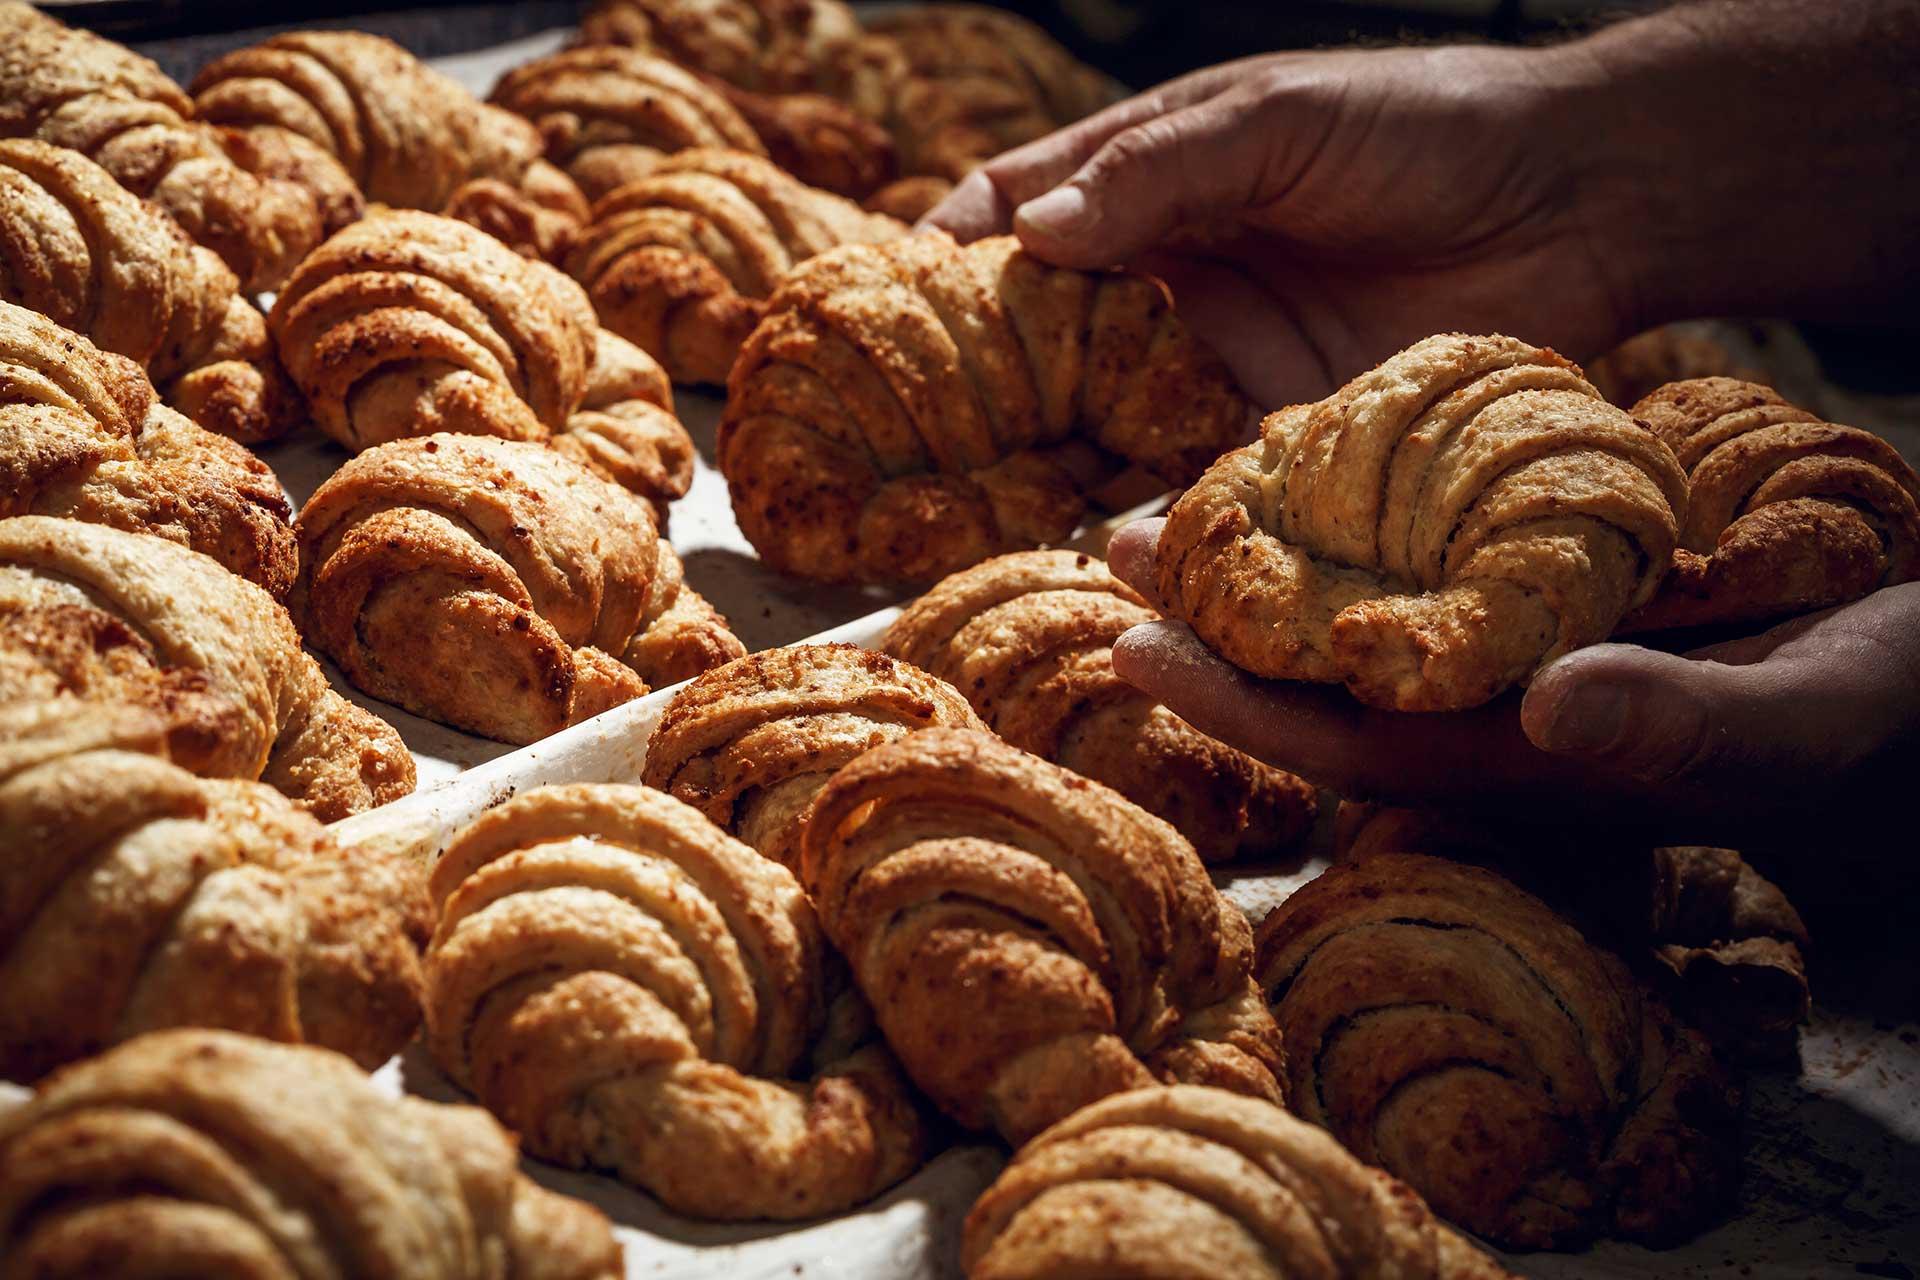 Biobäckerei Nadrag Bio-Kamut-Nuss-Croissants